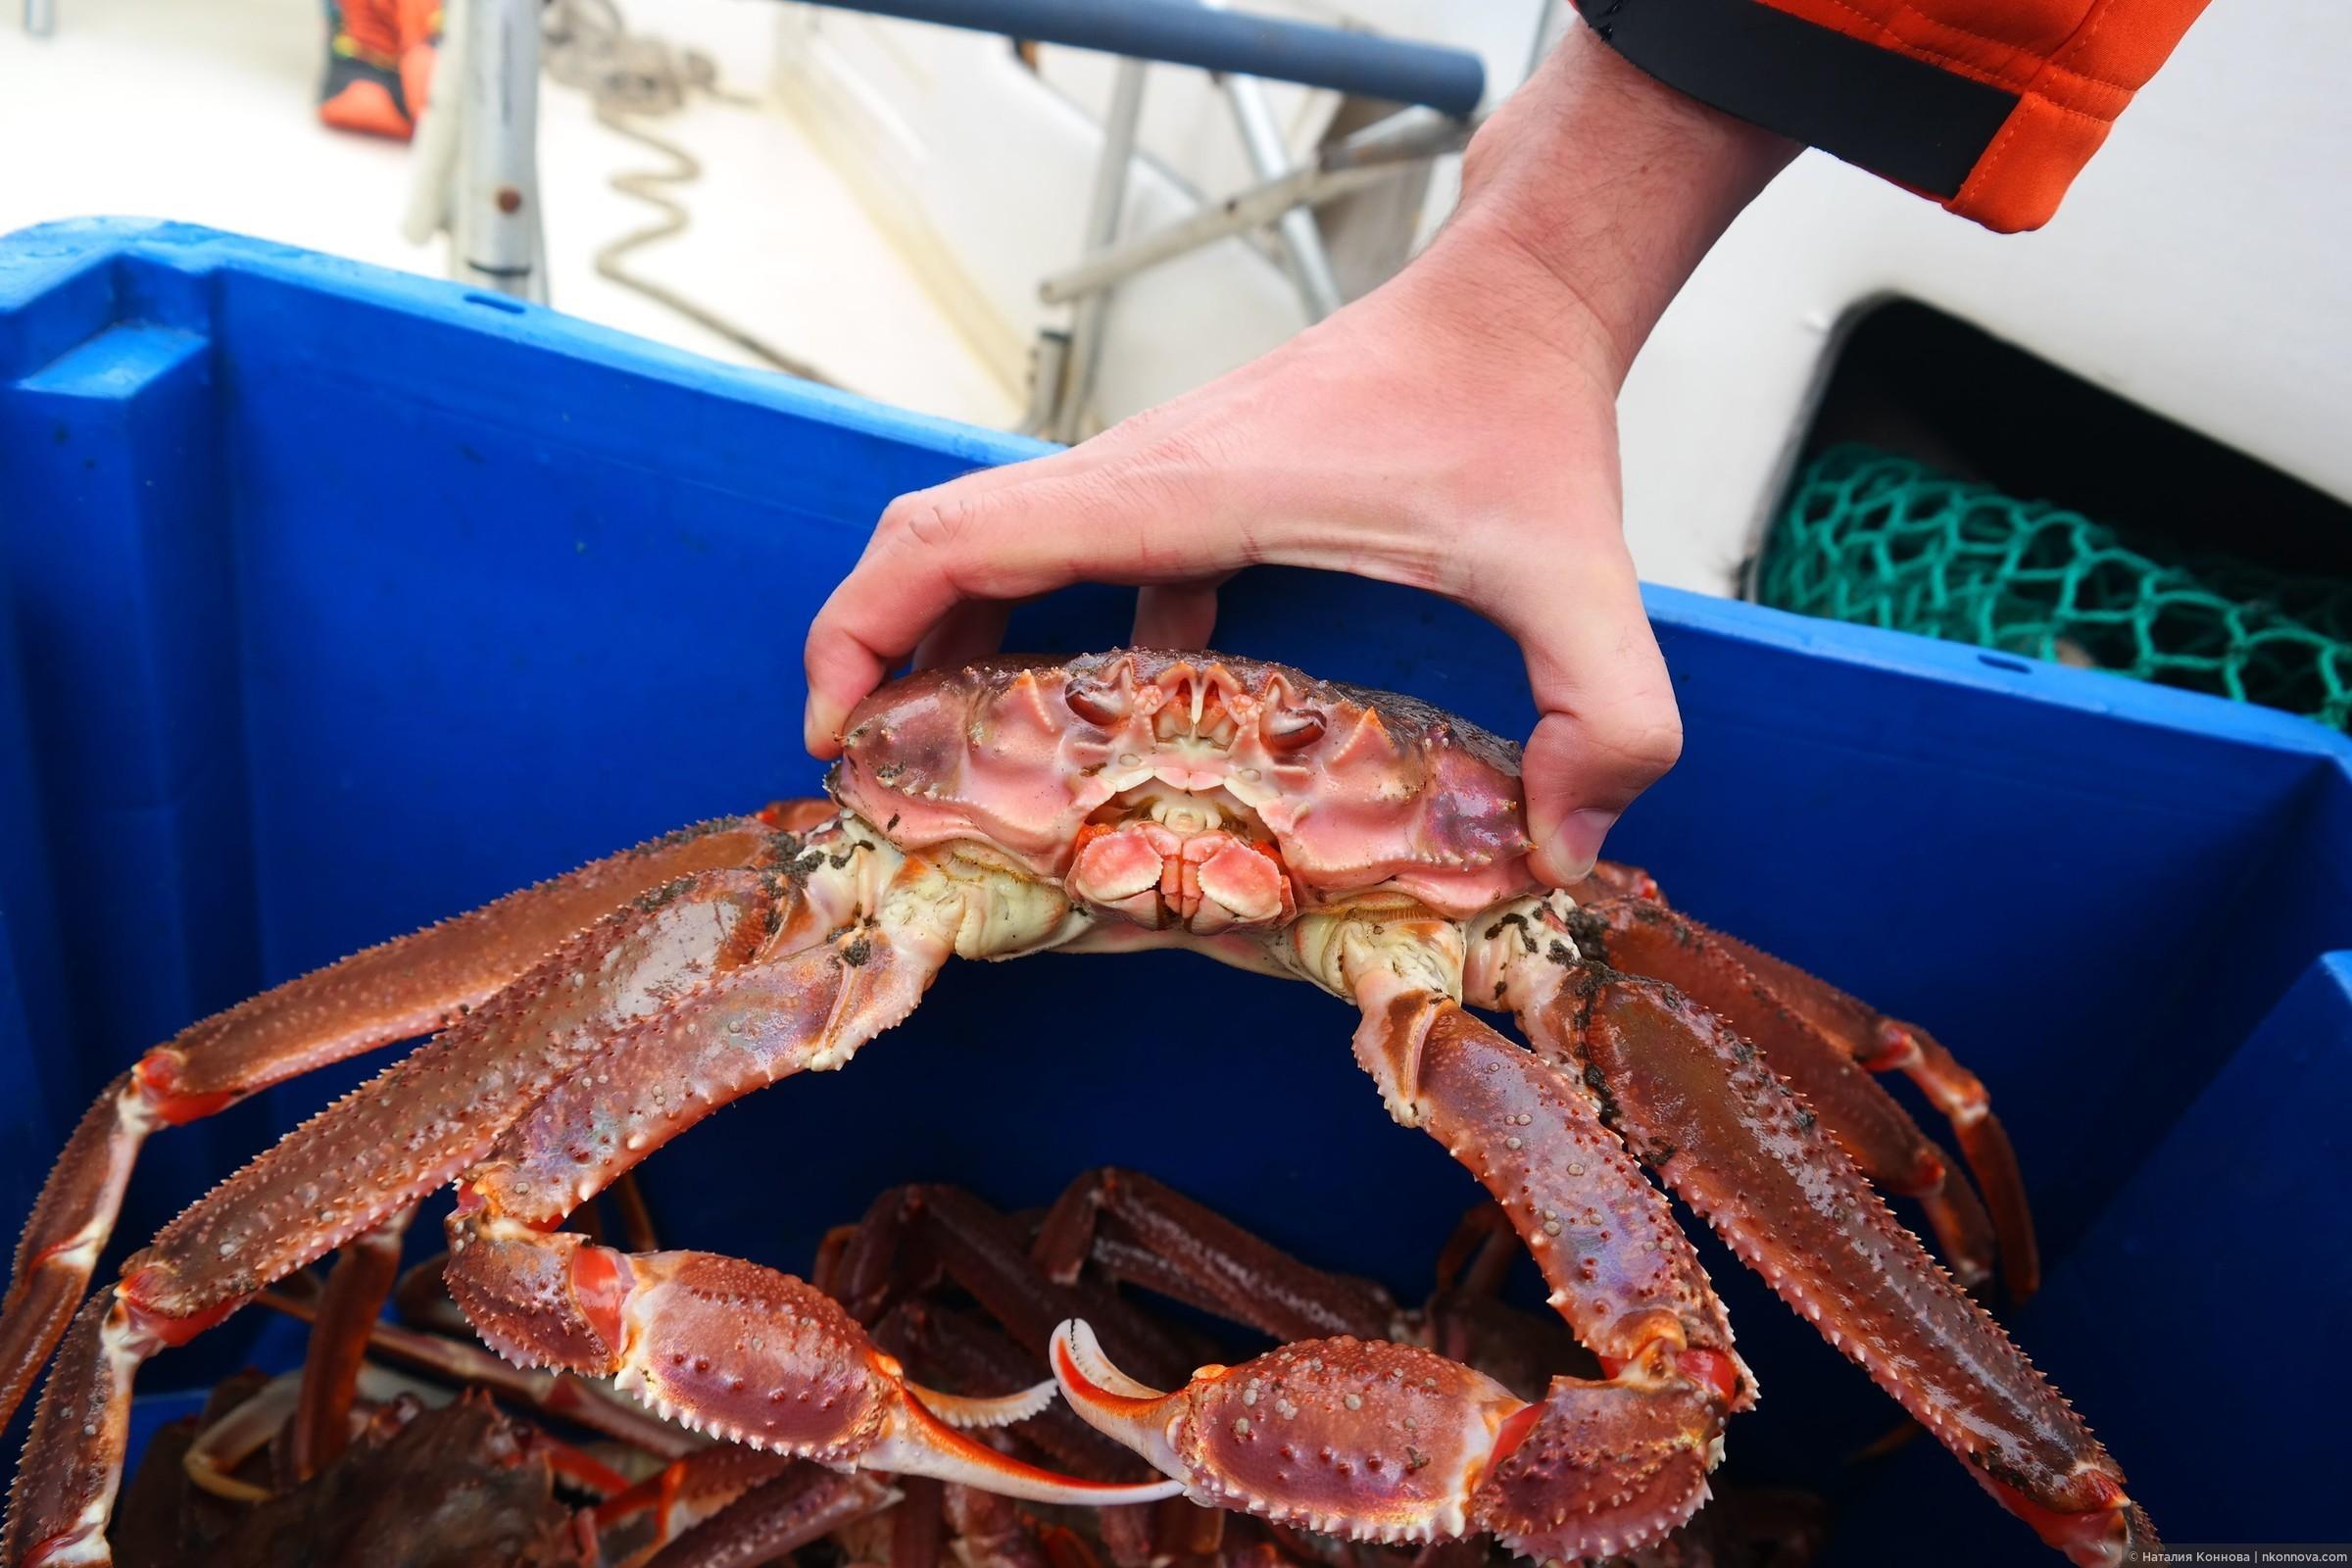 Браконьеры наловили в Черном море крабов на 24 млн грн, - Госпогранслужба - Цензор.НЕТ 5505